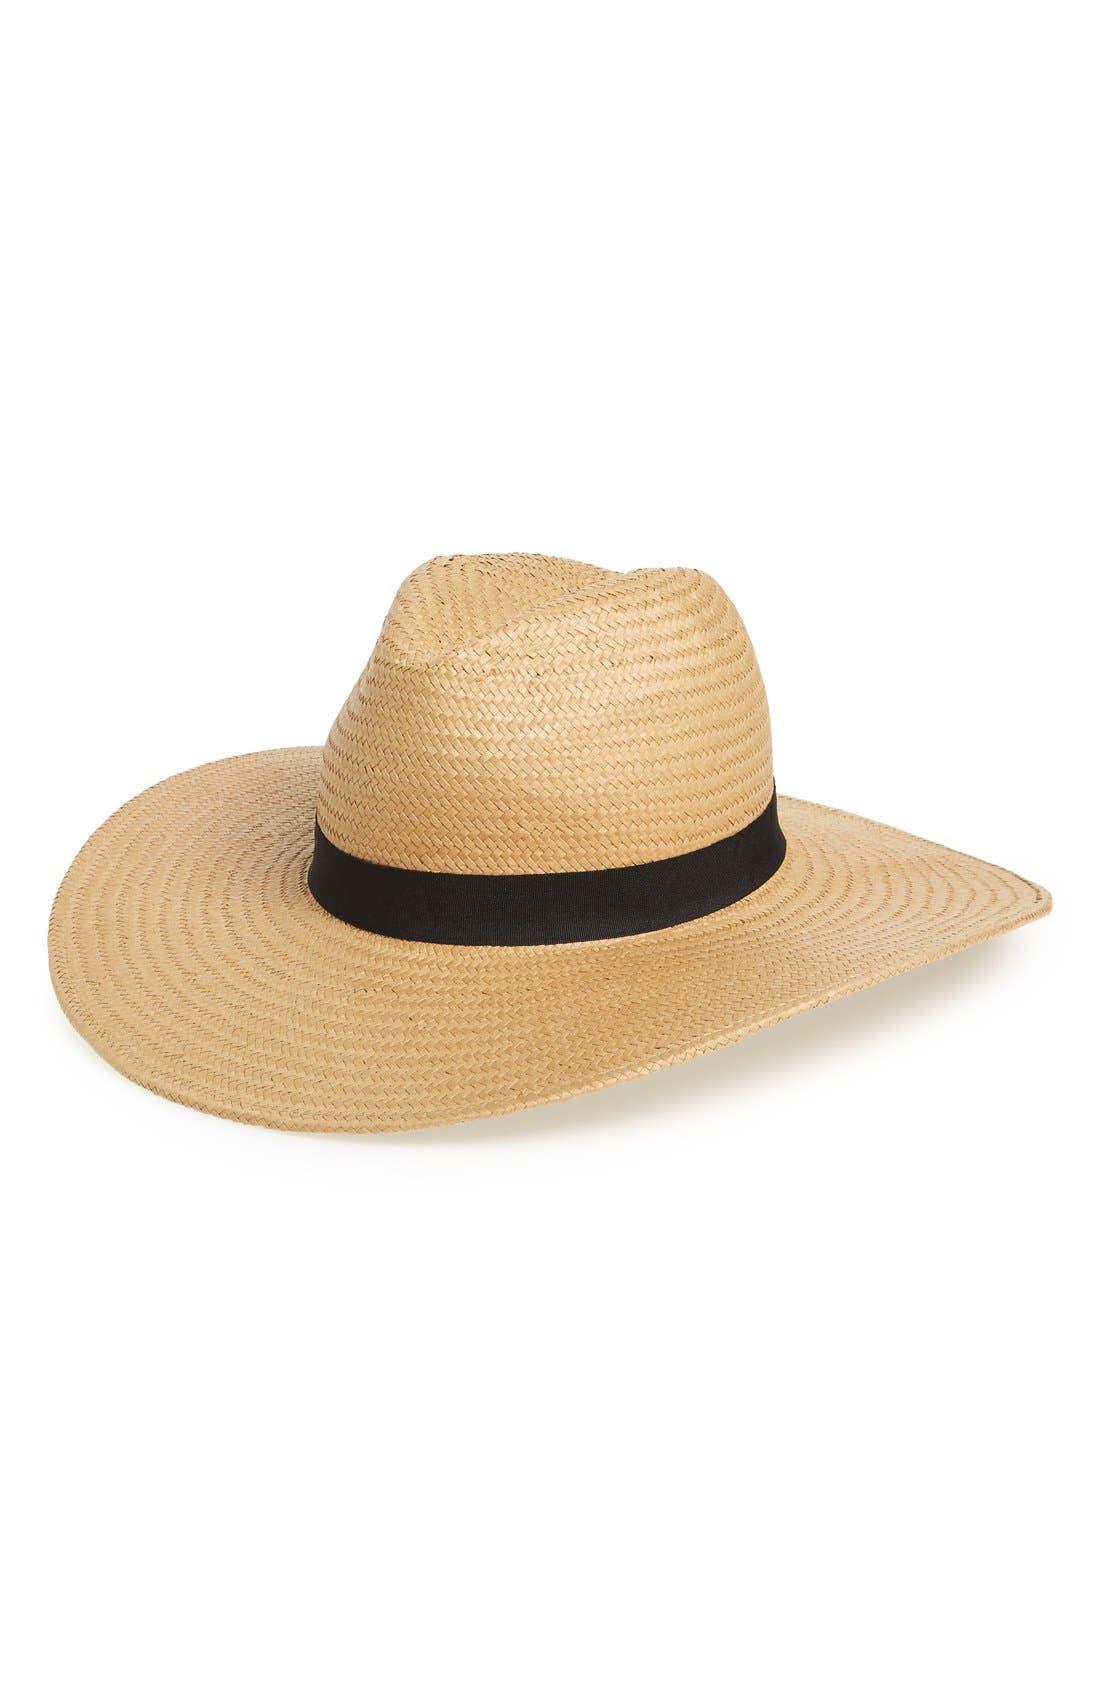 Alternate Image 1 Selected - Phase 3 Straw Panama Hat